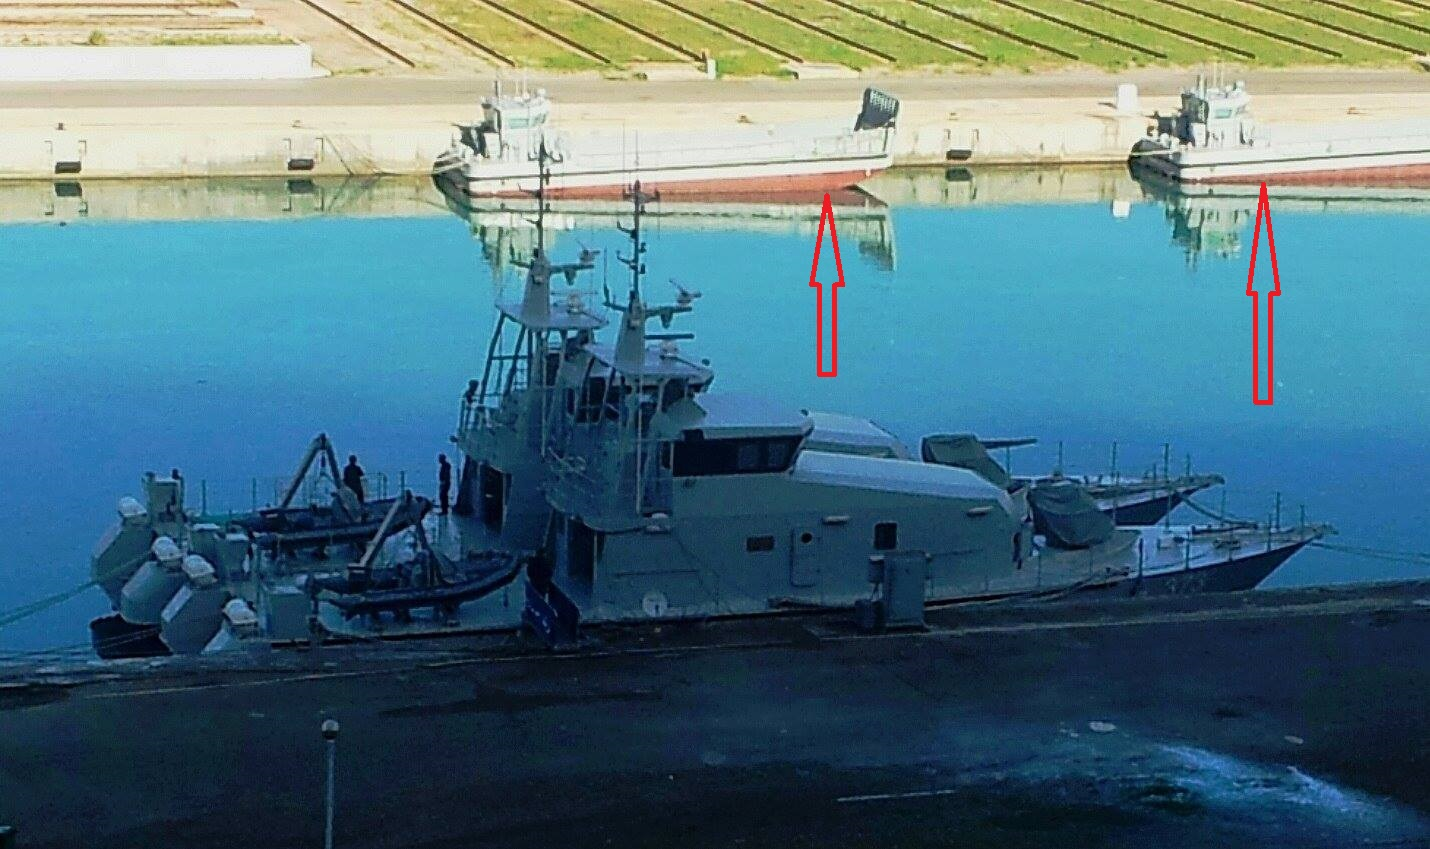 الجزائر تبني محليا 3 سفن LCM نسخة ايطالية بحمولة 30 طن  - صفحة 2 28474963915_4c72a403b0_o